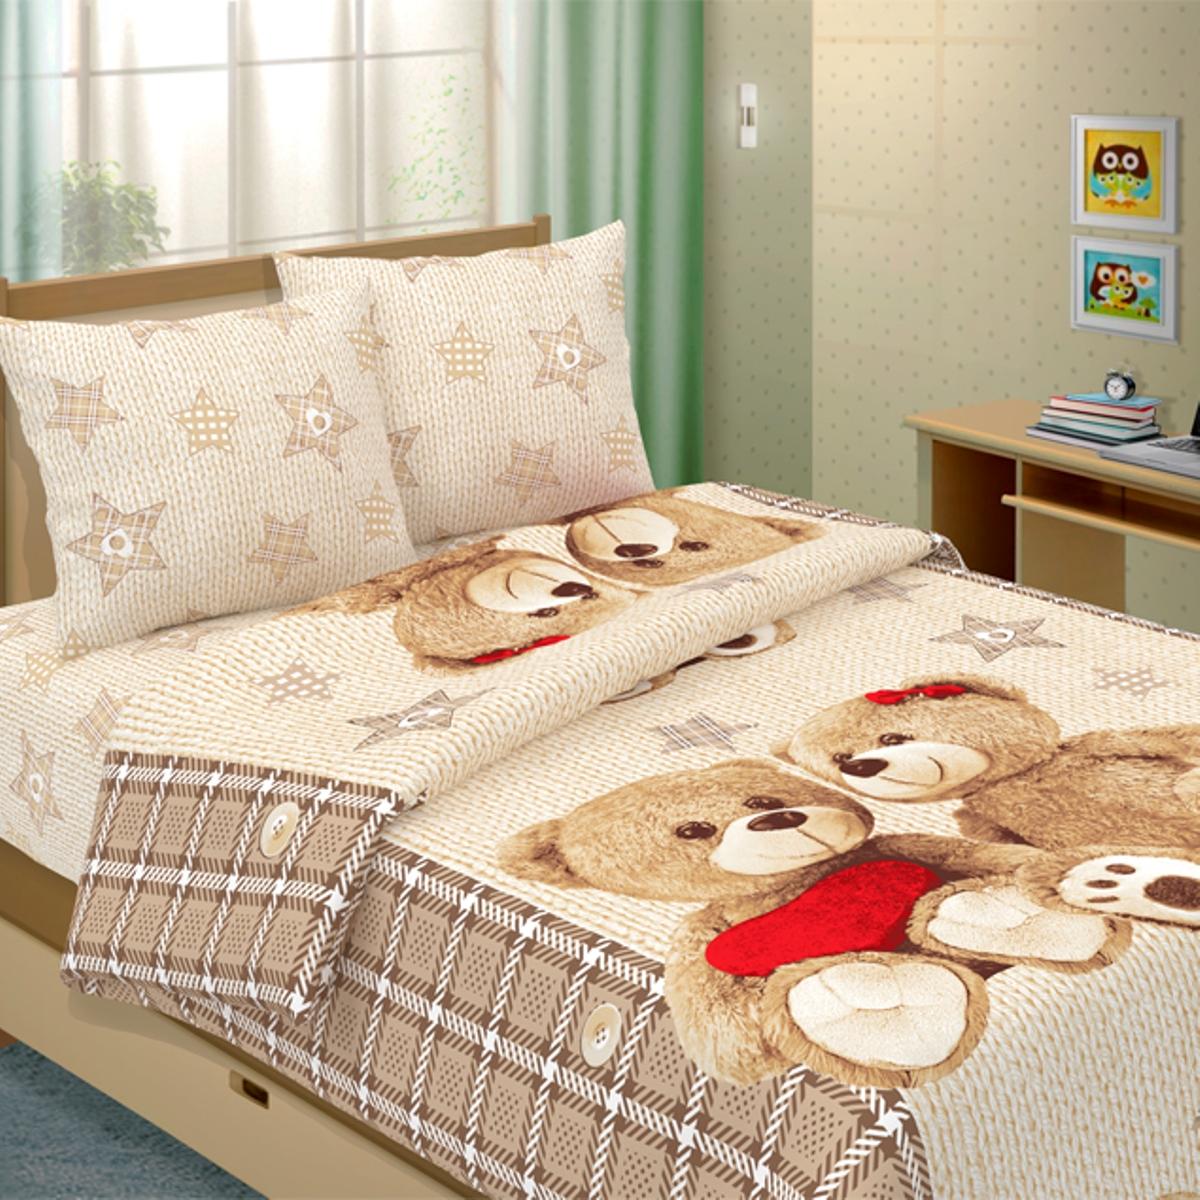 Комплект детского постельного белья Letto  Влюбленные мишки , 1,5 спальный, наволочка 50x70. lovers-bears50 -  Детский текстиль